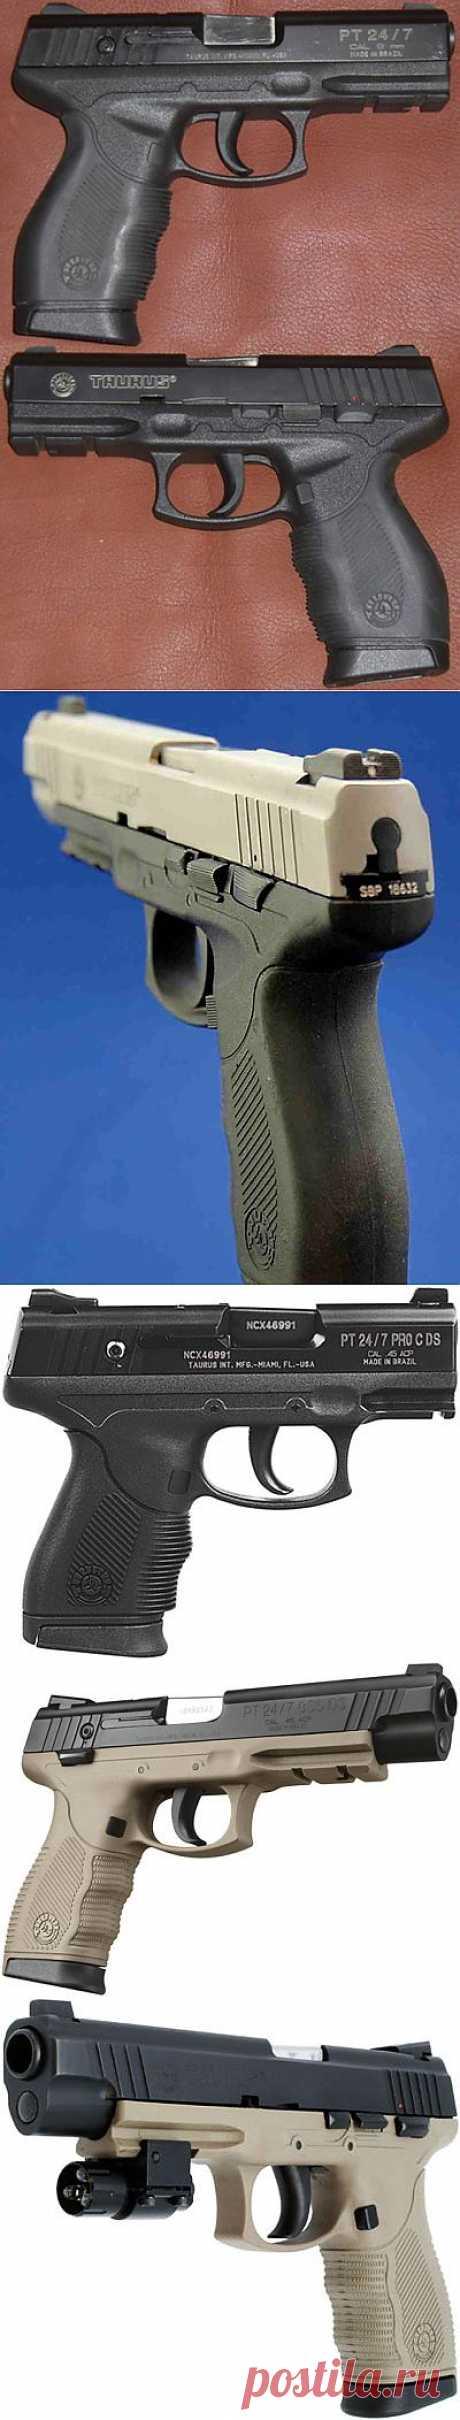 Пистолет Taurus PT 24/7 | Энциклопедия оружия